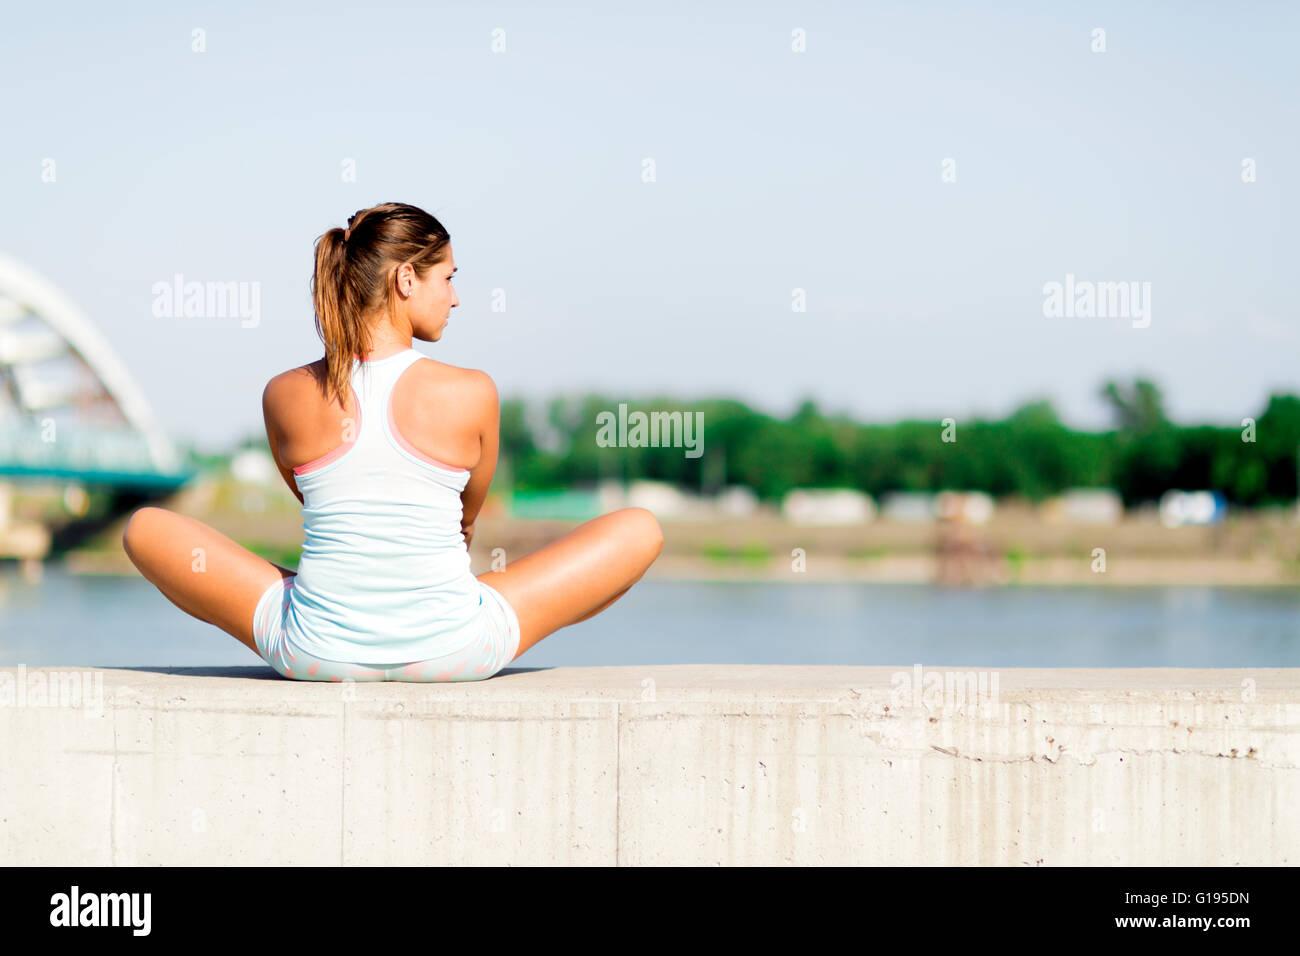 Jeune femme s'étirer et se détendre dans la ville avant l'exercice Photo Stock